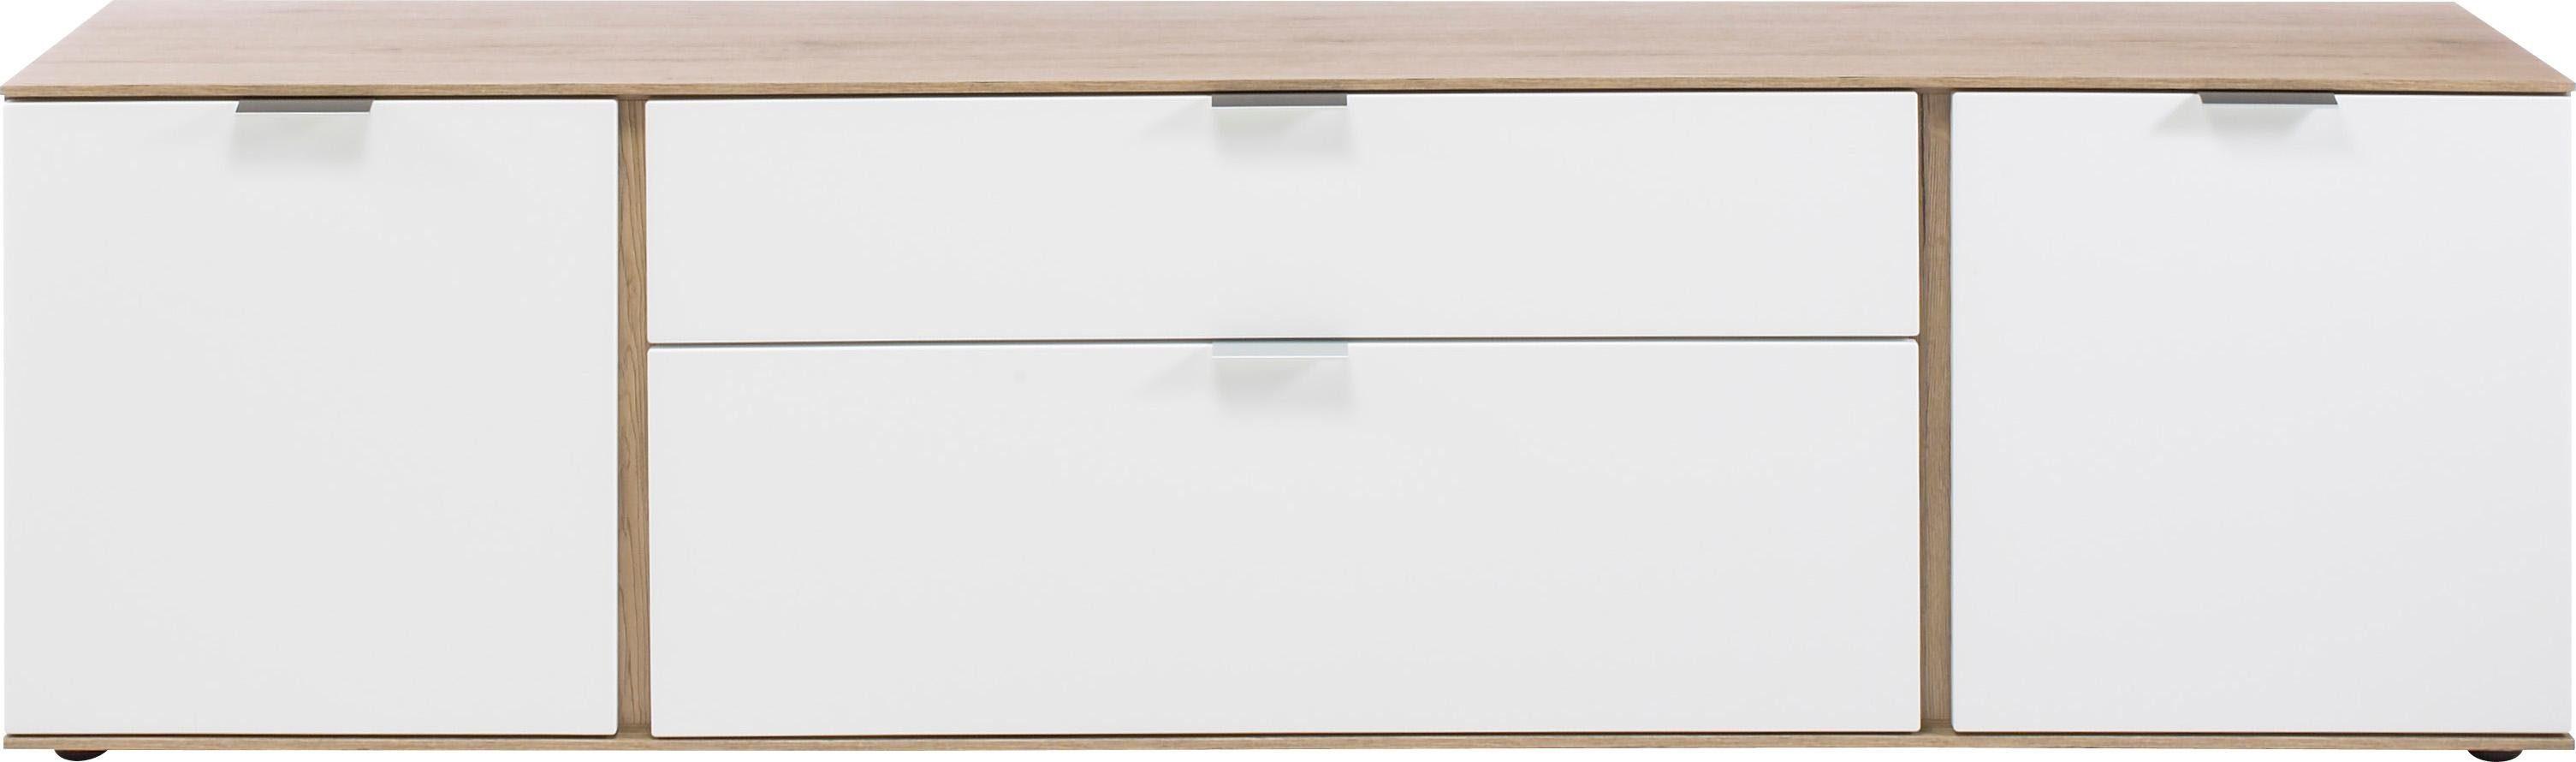 Lowboard »SCALA«, Breite 198 cm